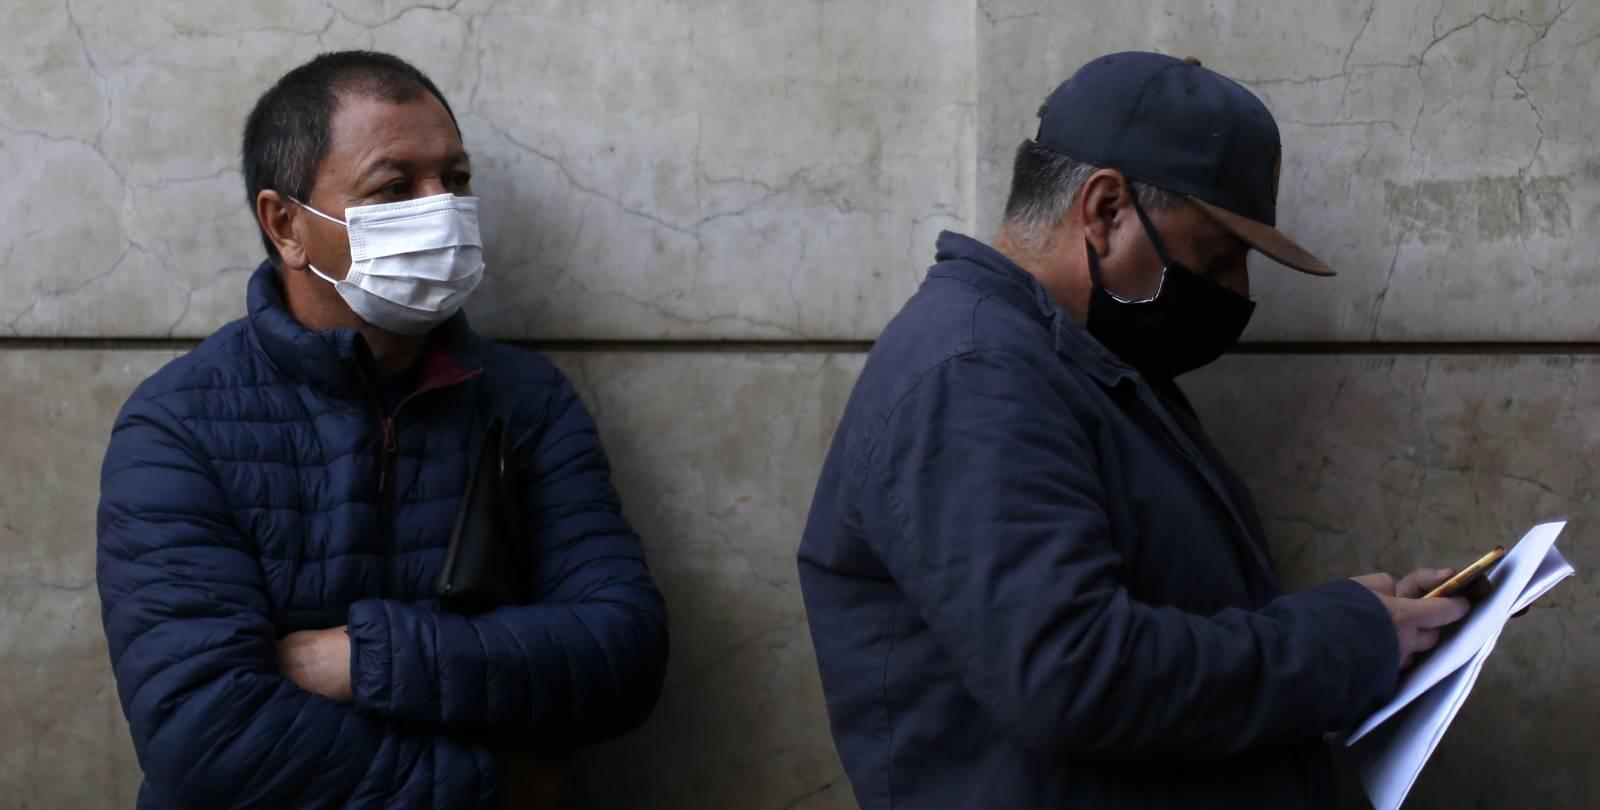 Cómo el coronavirus ha mantenido el desempleo alejado de los dos dígitos